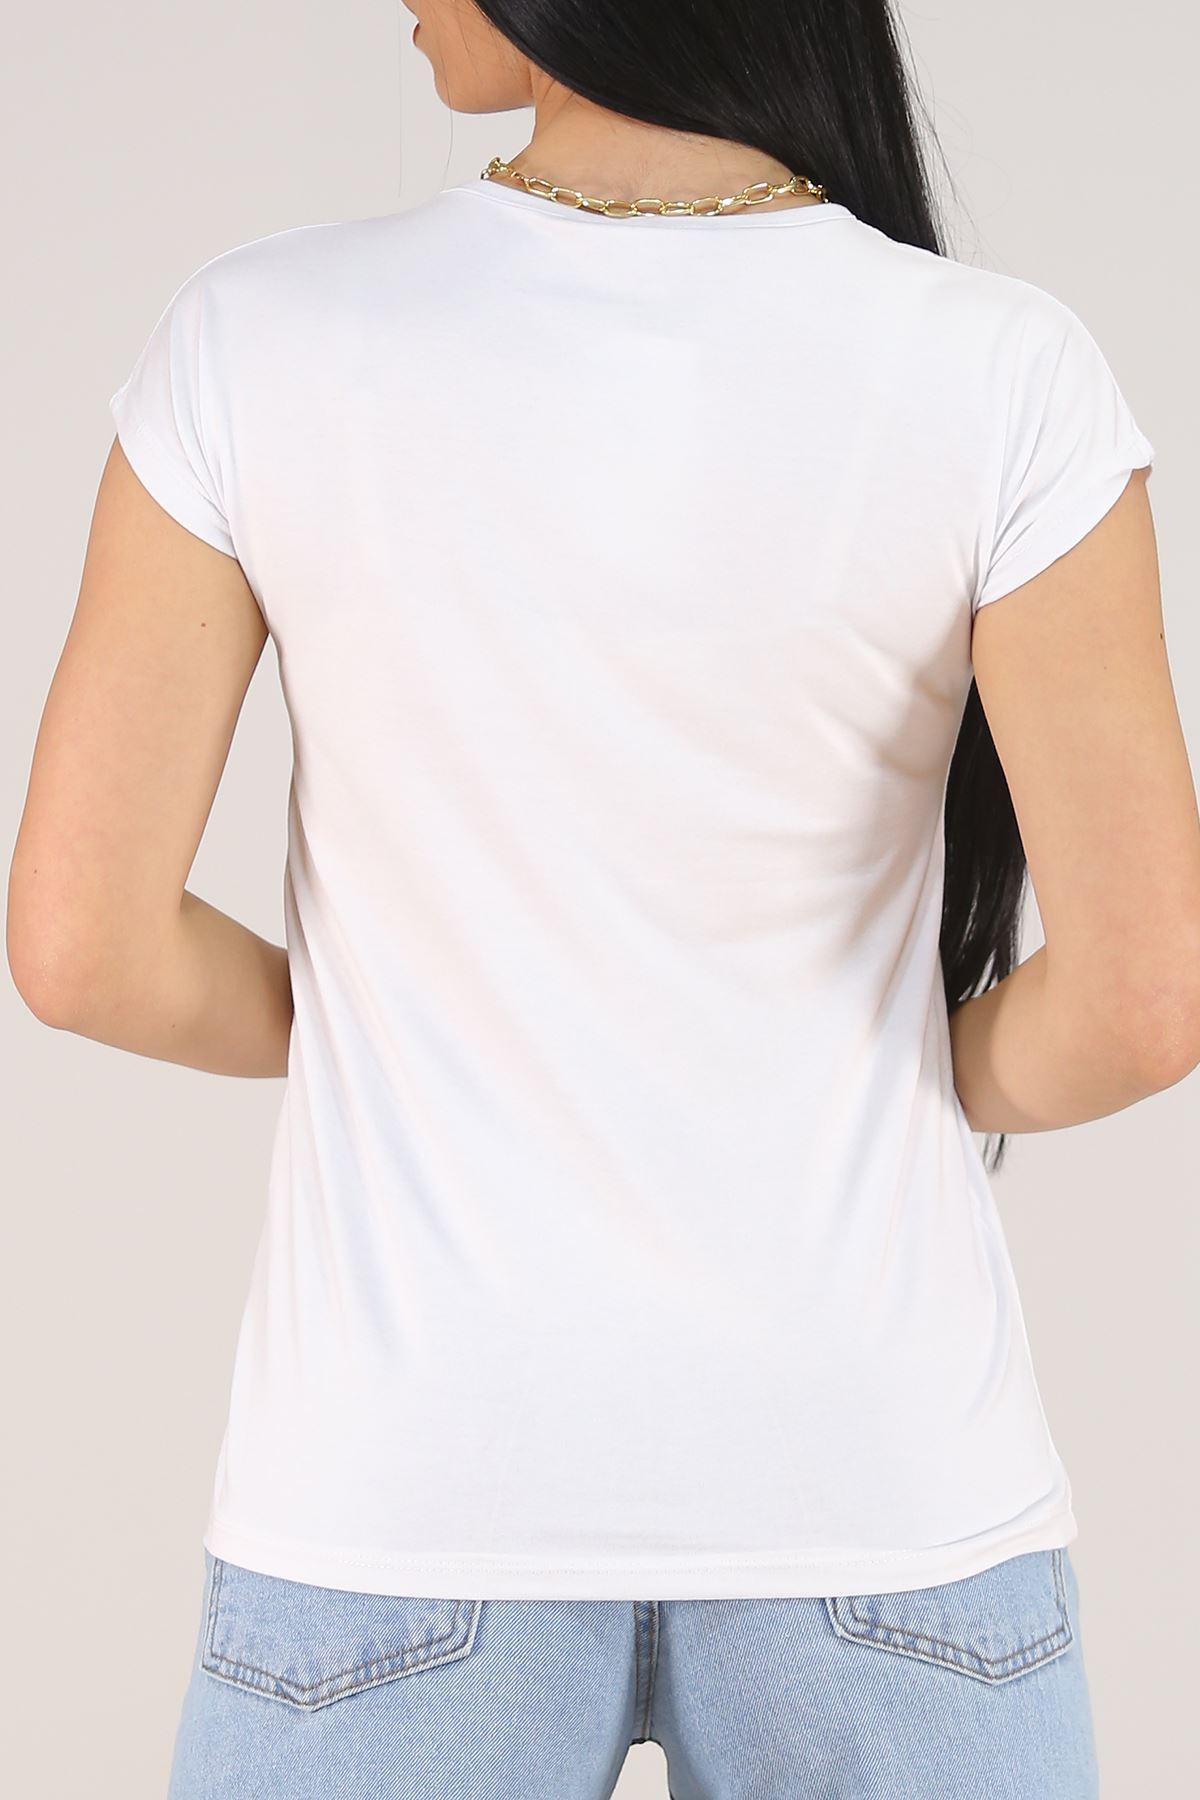 Pullu Tişört Beyaz - 5651.139.